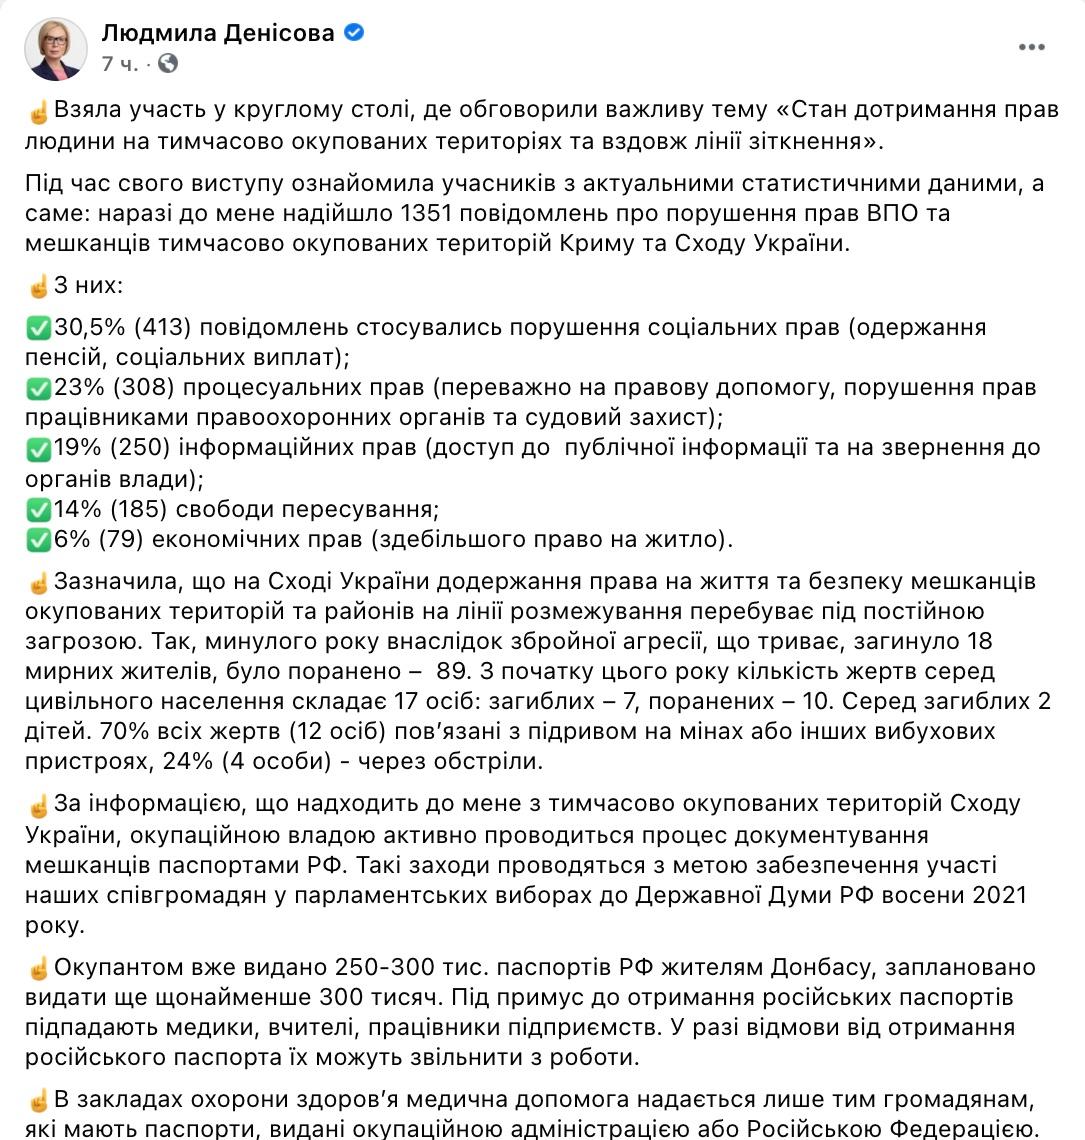 Росія роздала на Донбасі 300 000 своїх паспортів, і планує ще стільки ж – Денісова